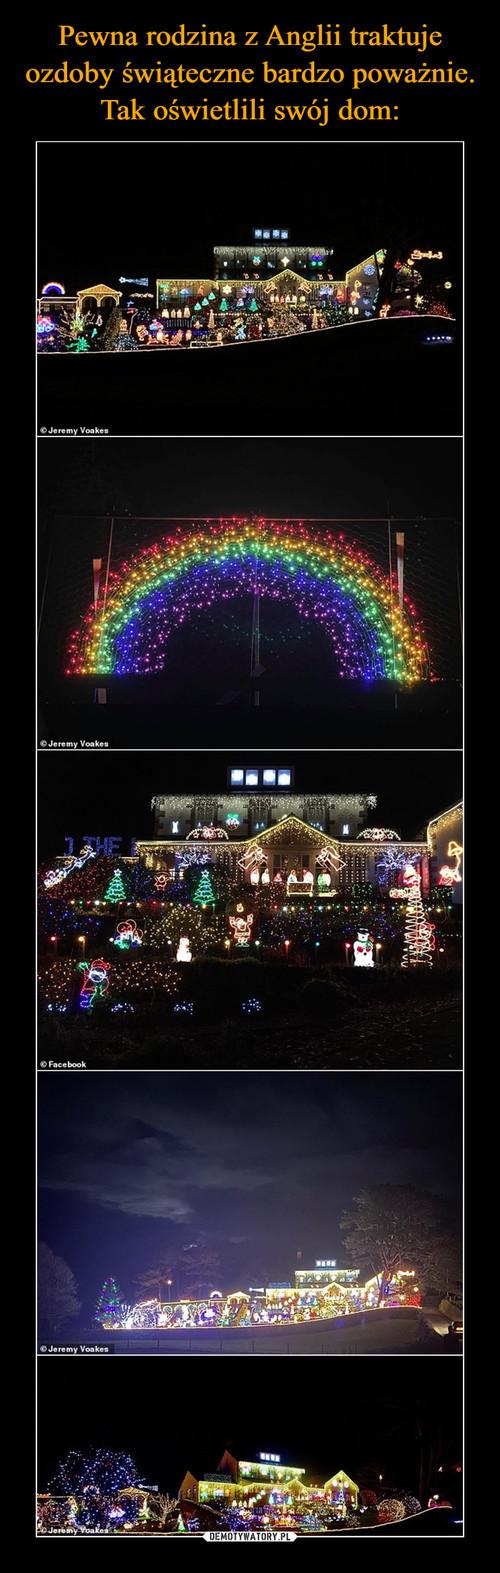 Pewna rodzina z Anglii traktuje ozdoby świąteczne bardzo poważnie. Tak oświetlili swój dom: